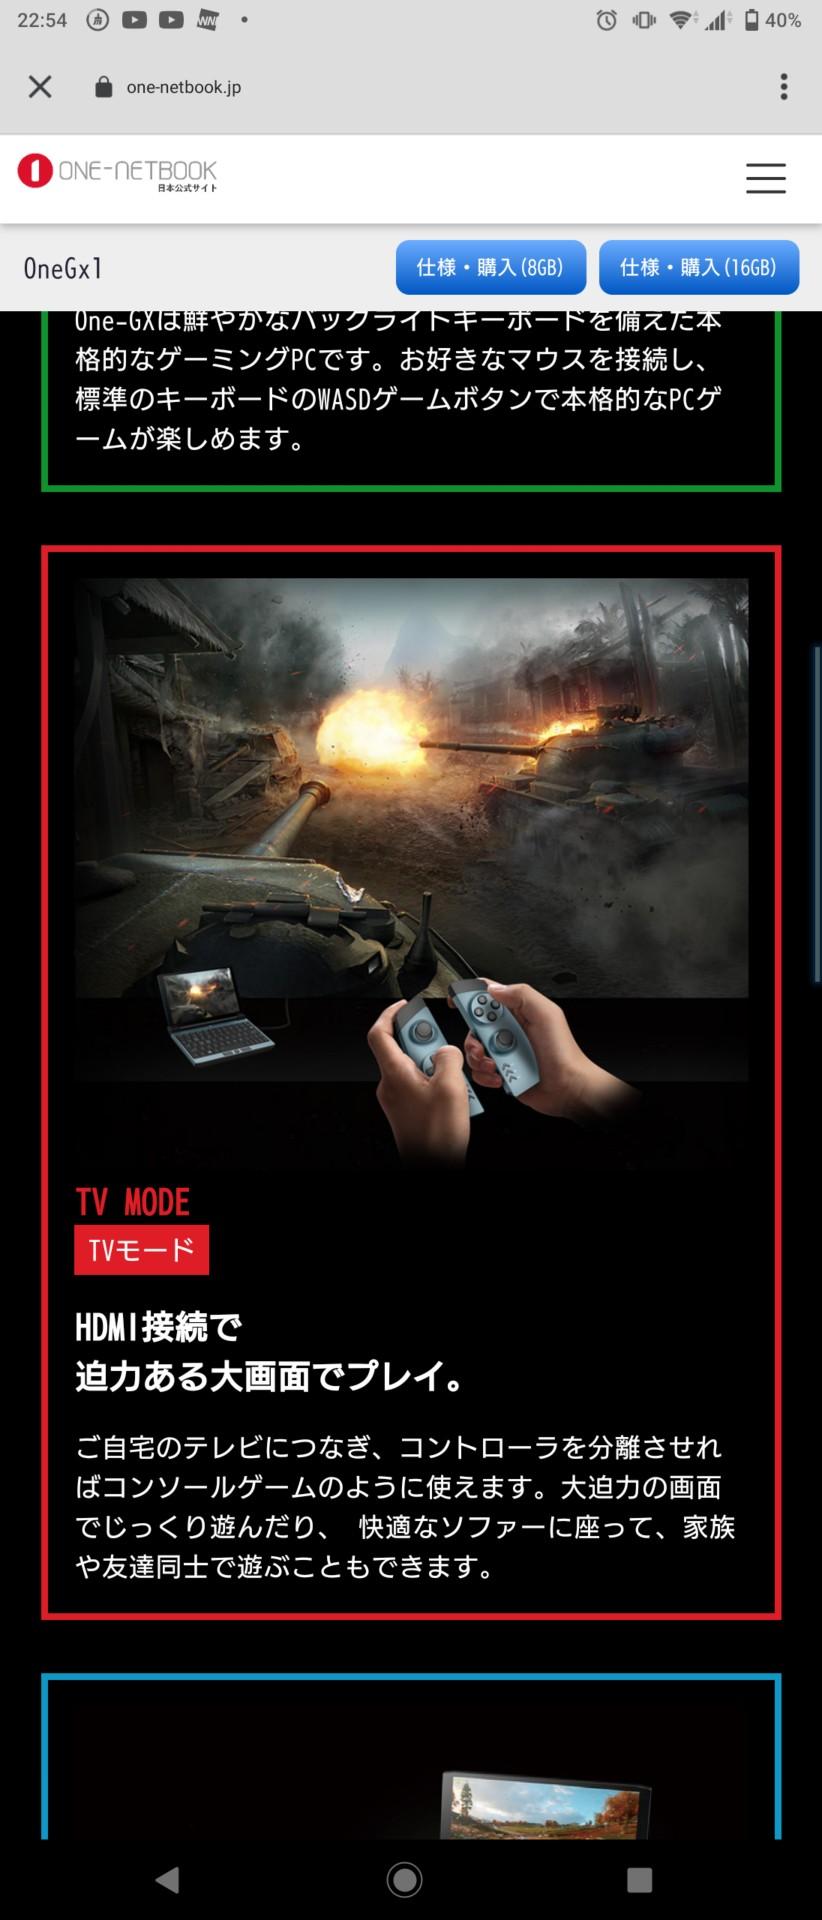 28SXJUt - 【スイッチ死亡】5G対応のゲーム機 ONE-GXが登場!!新たな伝説が始まる...